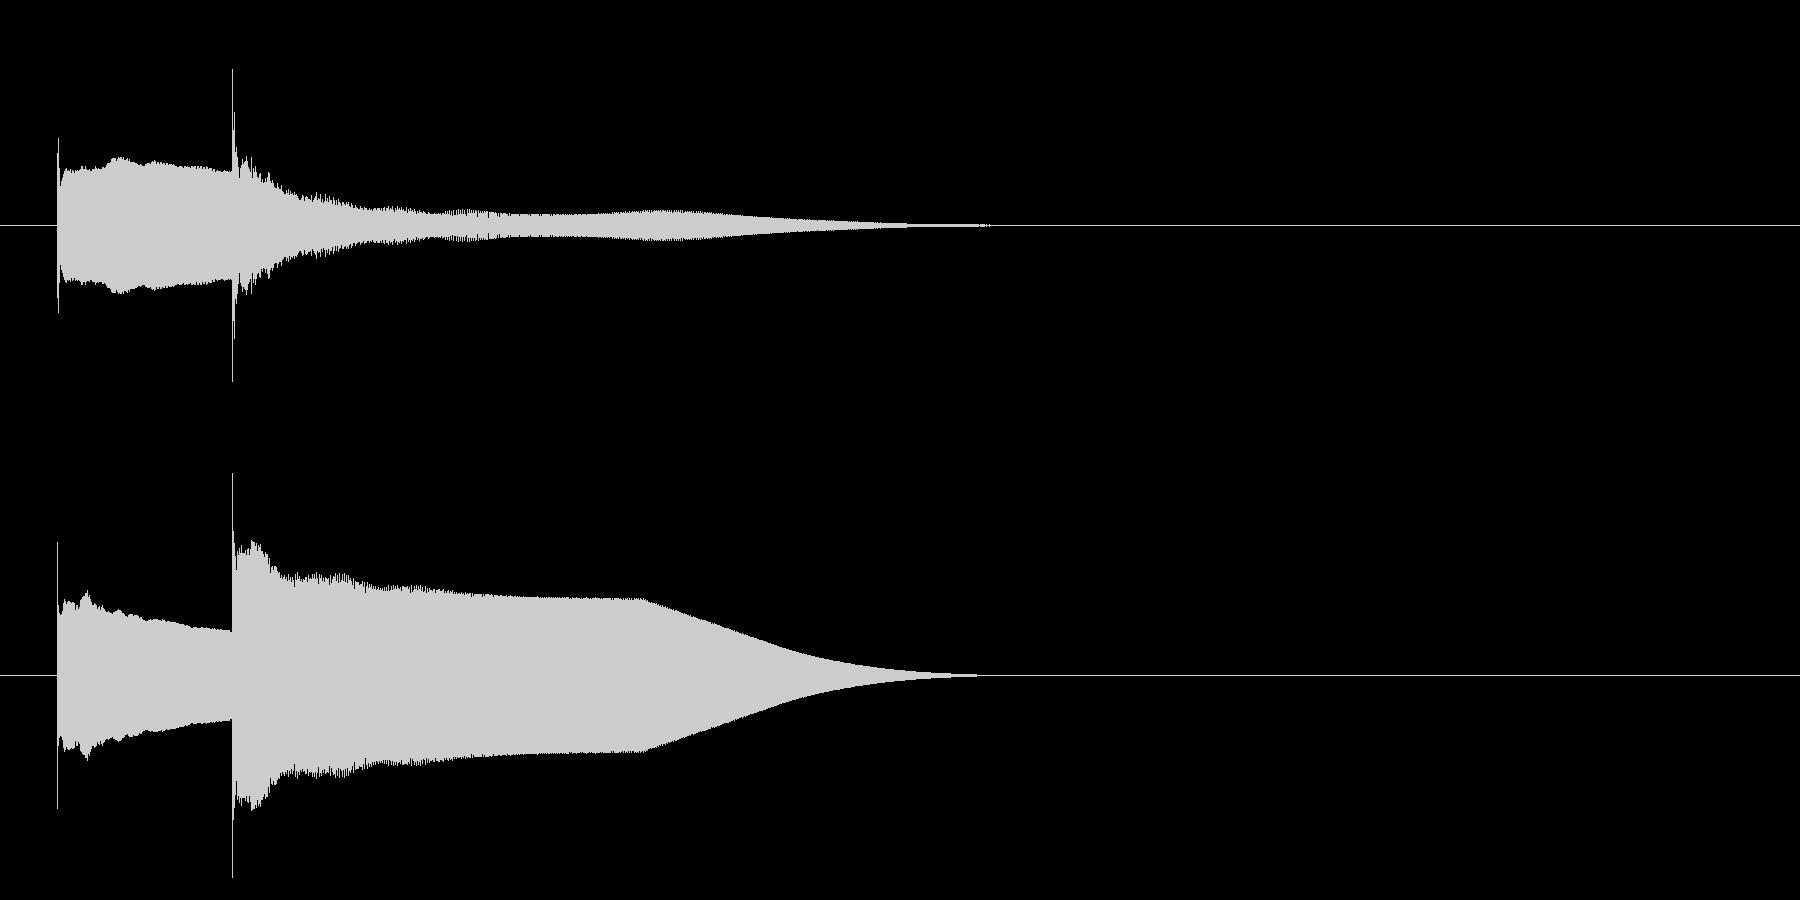 グロッケン系 キャンセル音3(小)の未再生の波形